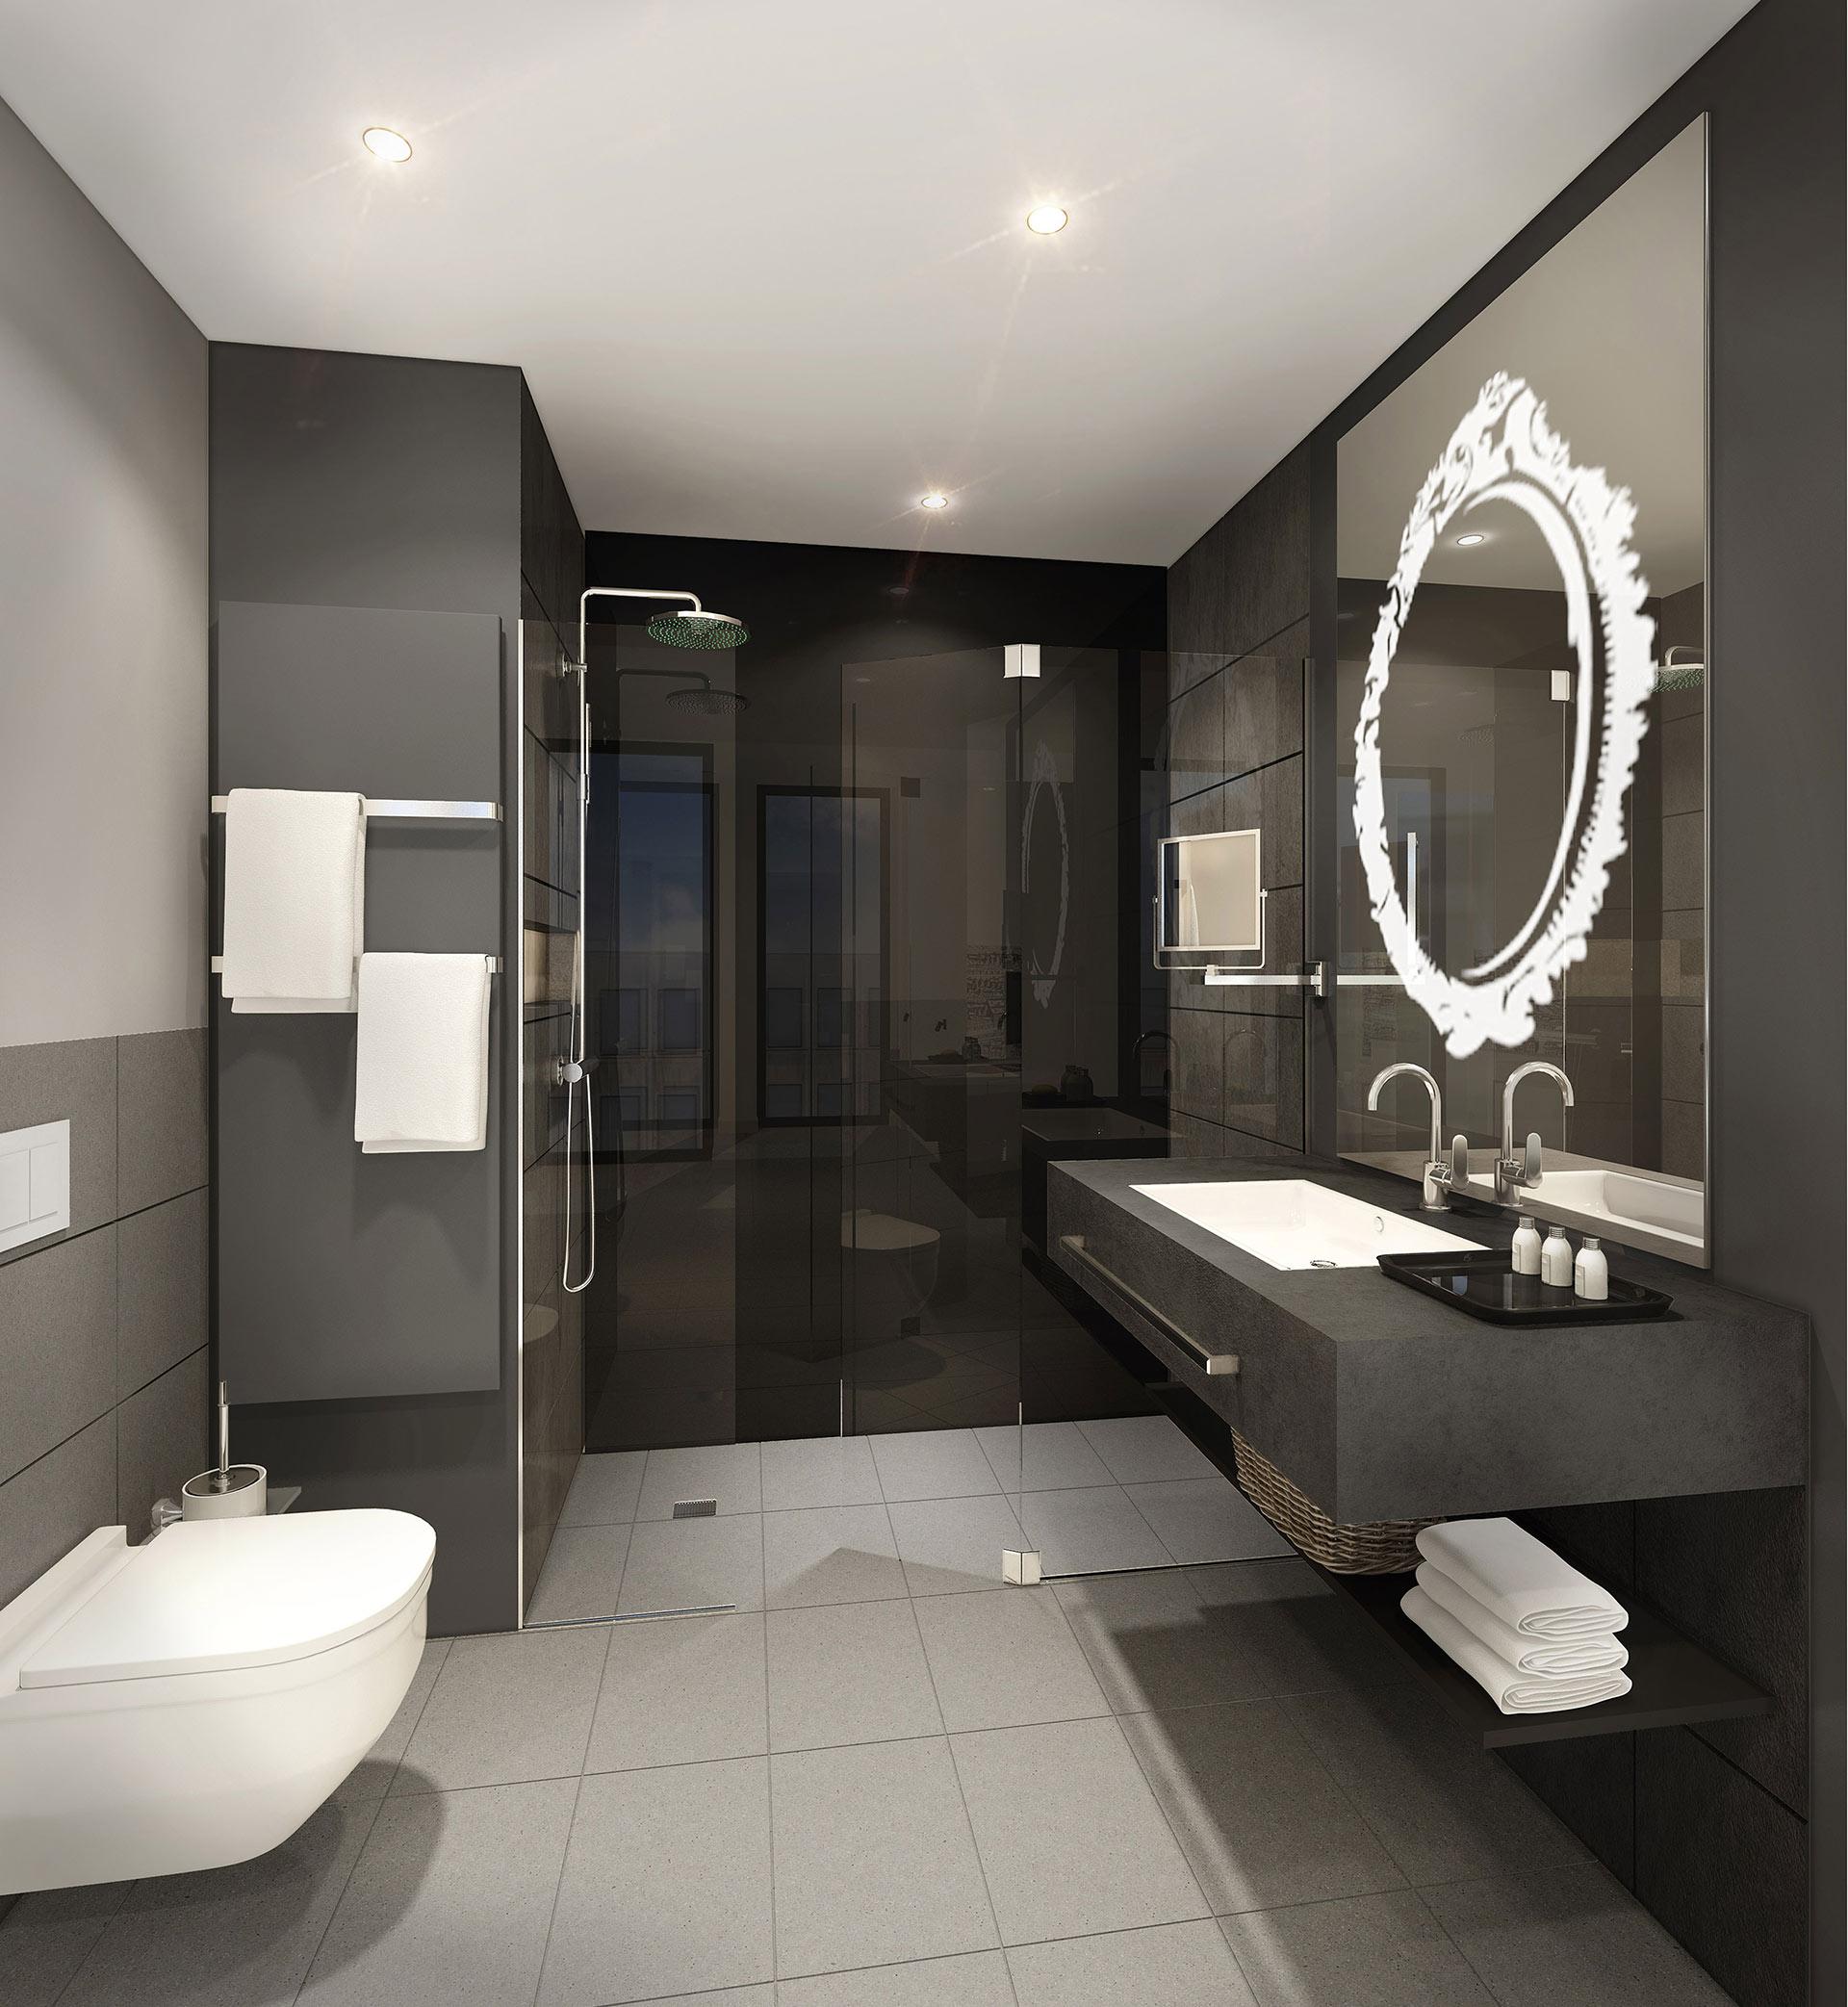 Spiegelleuchte Badezimmerspiegel von MLE. Entwurf von JOI-Design.